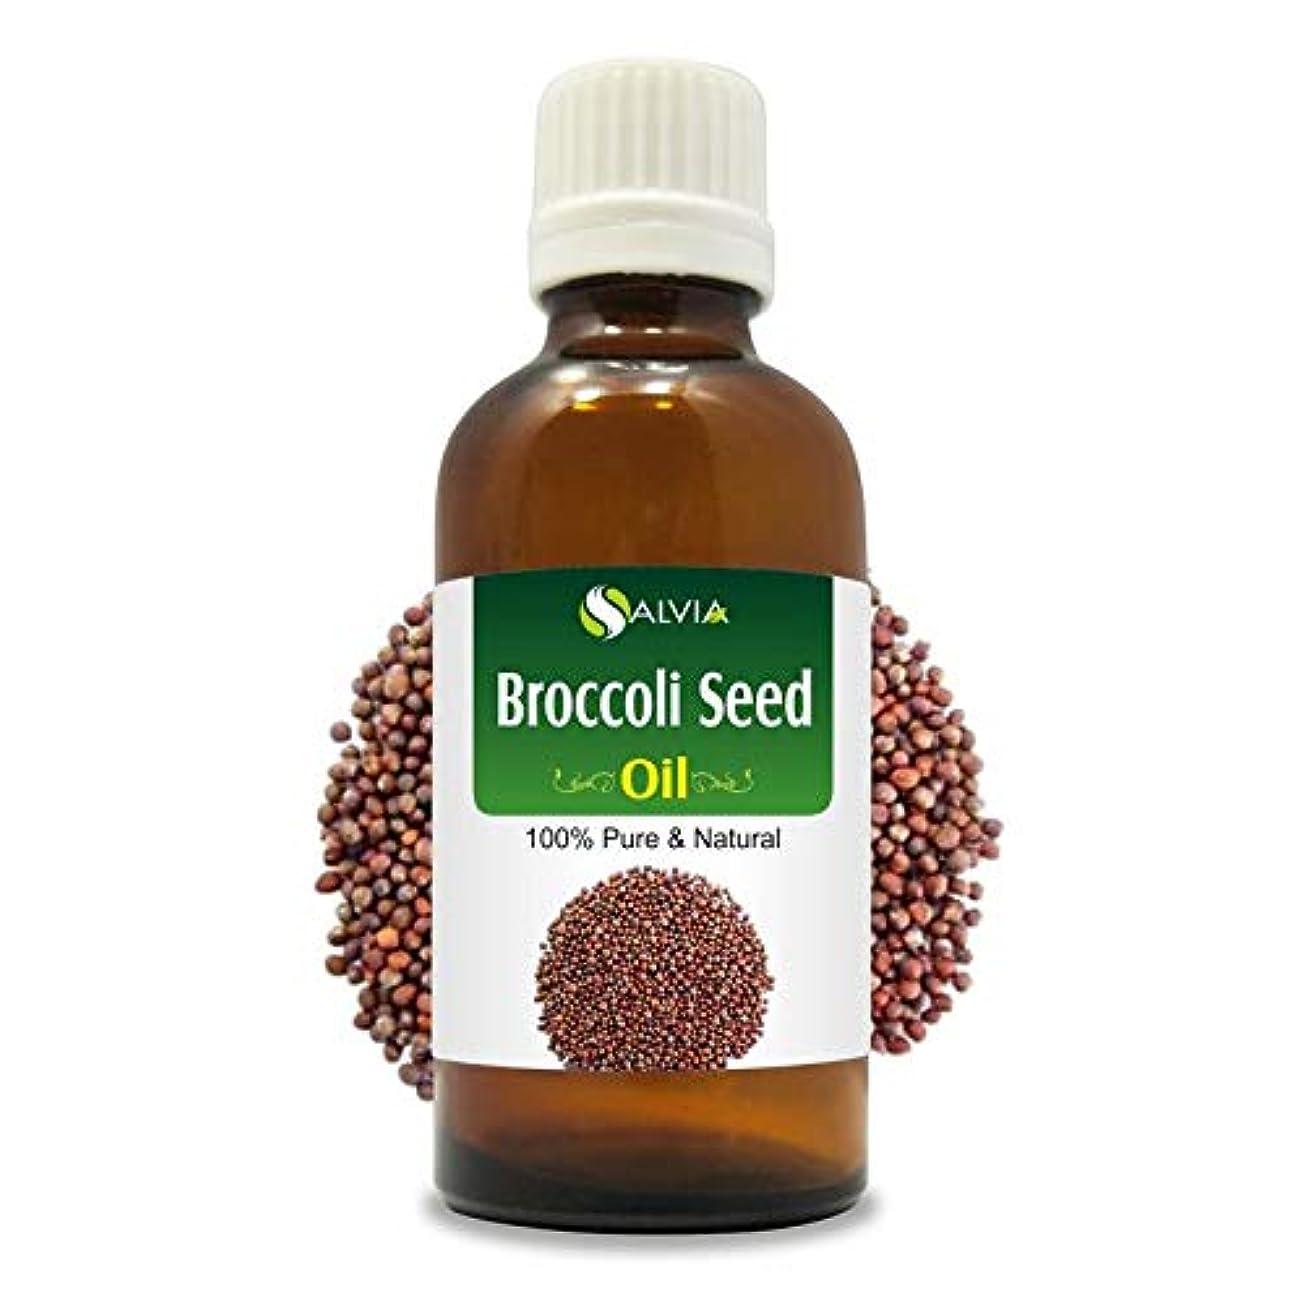 土砂降りアフリカ人恐怖症Broccoli Seed Oil (Brassica oleracea var. italica) 100% Natural Pure Undiluted Uncut Carrier Oil 100ml